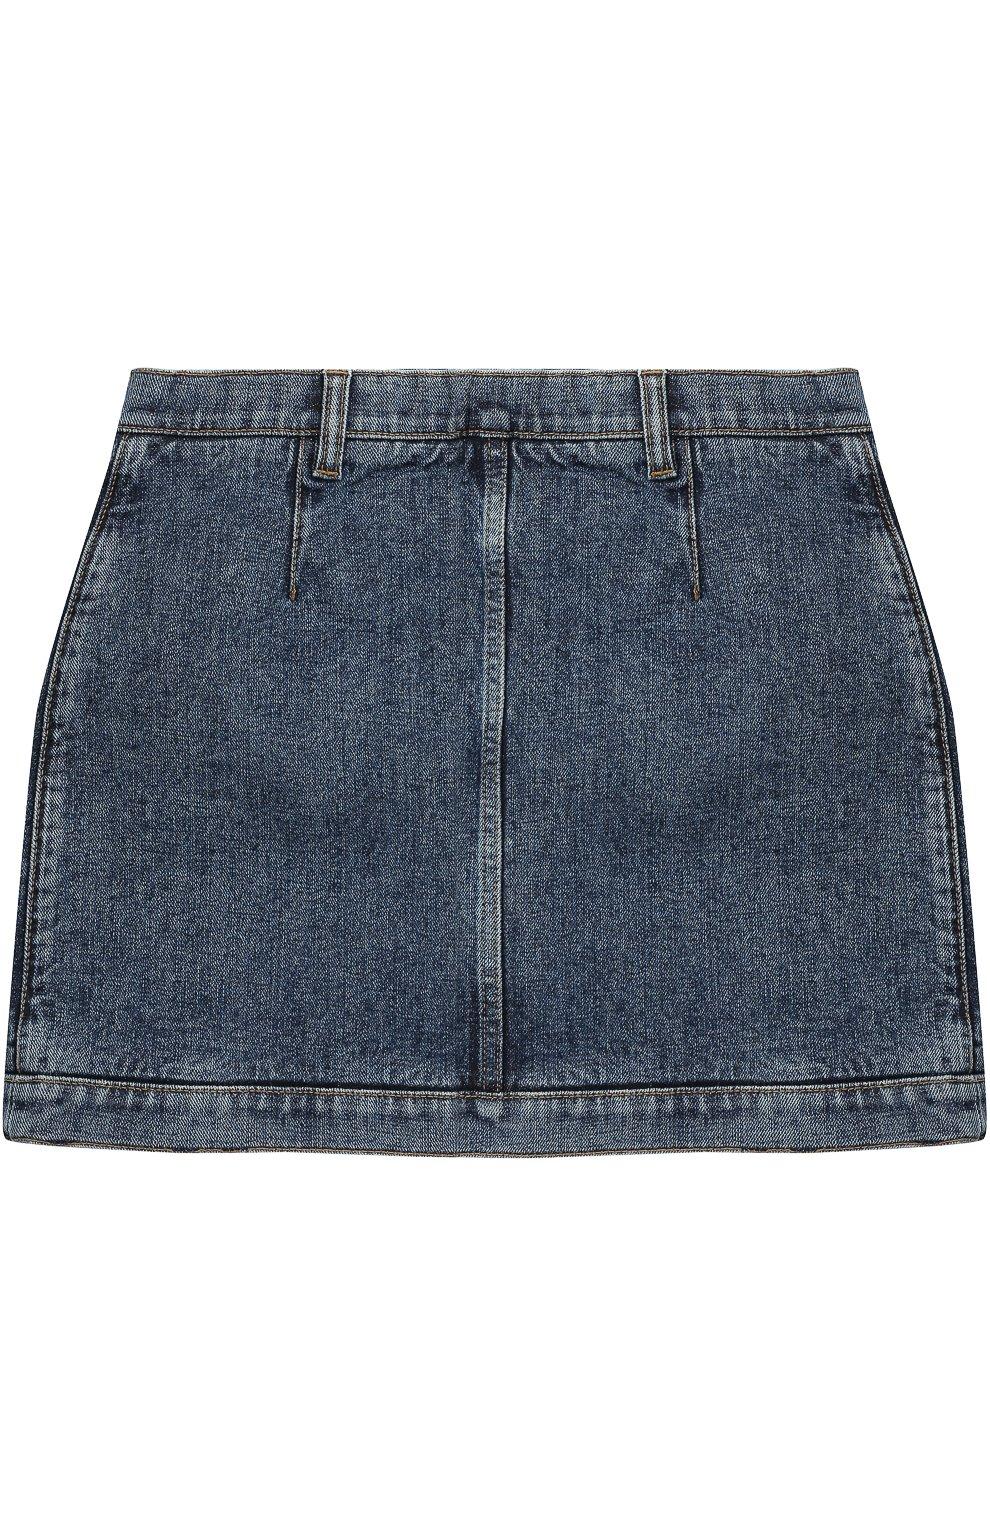 Мини-юбка из денима с накладными карманами и декоративными пуговицами | Фото №2